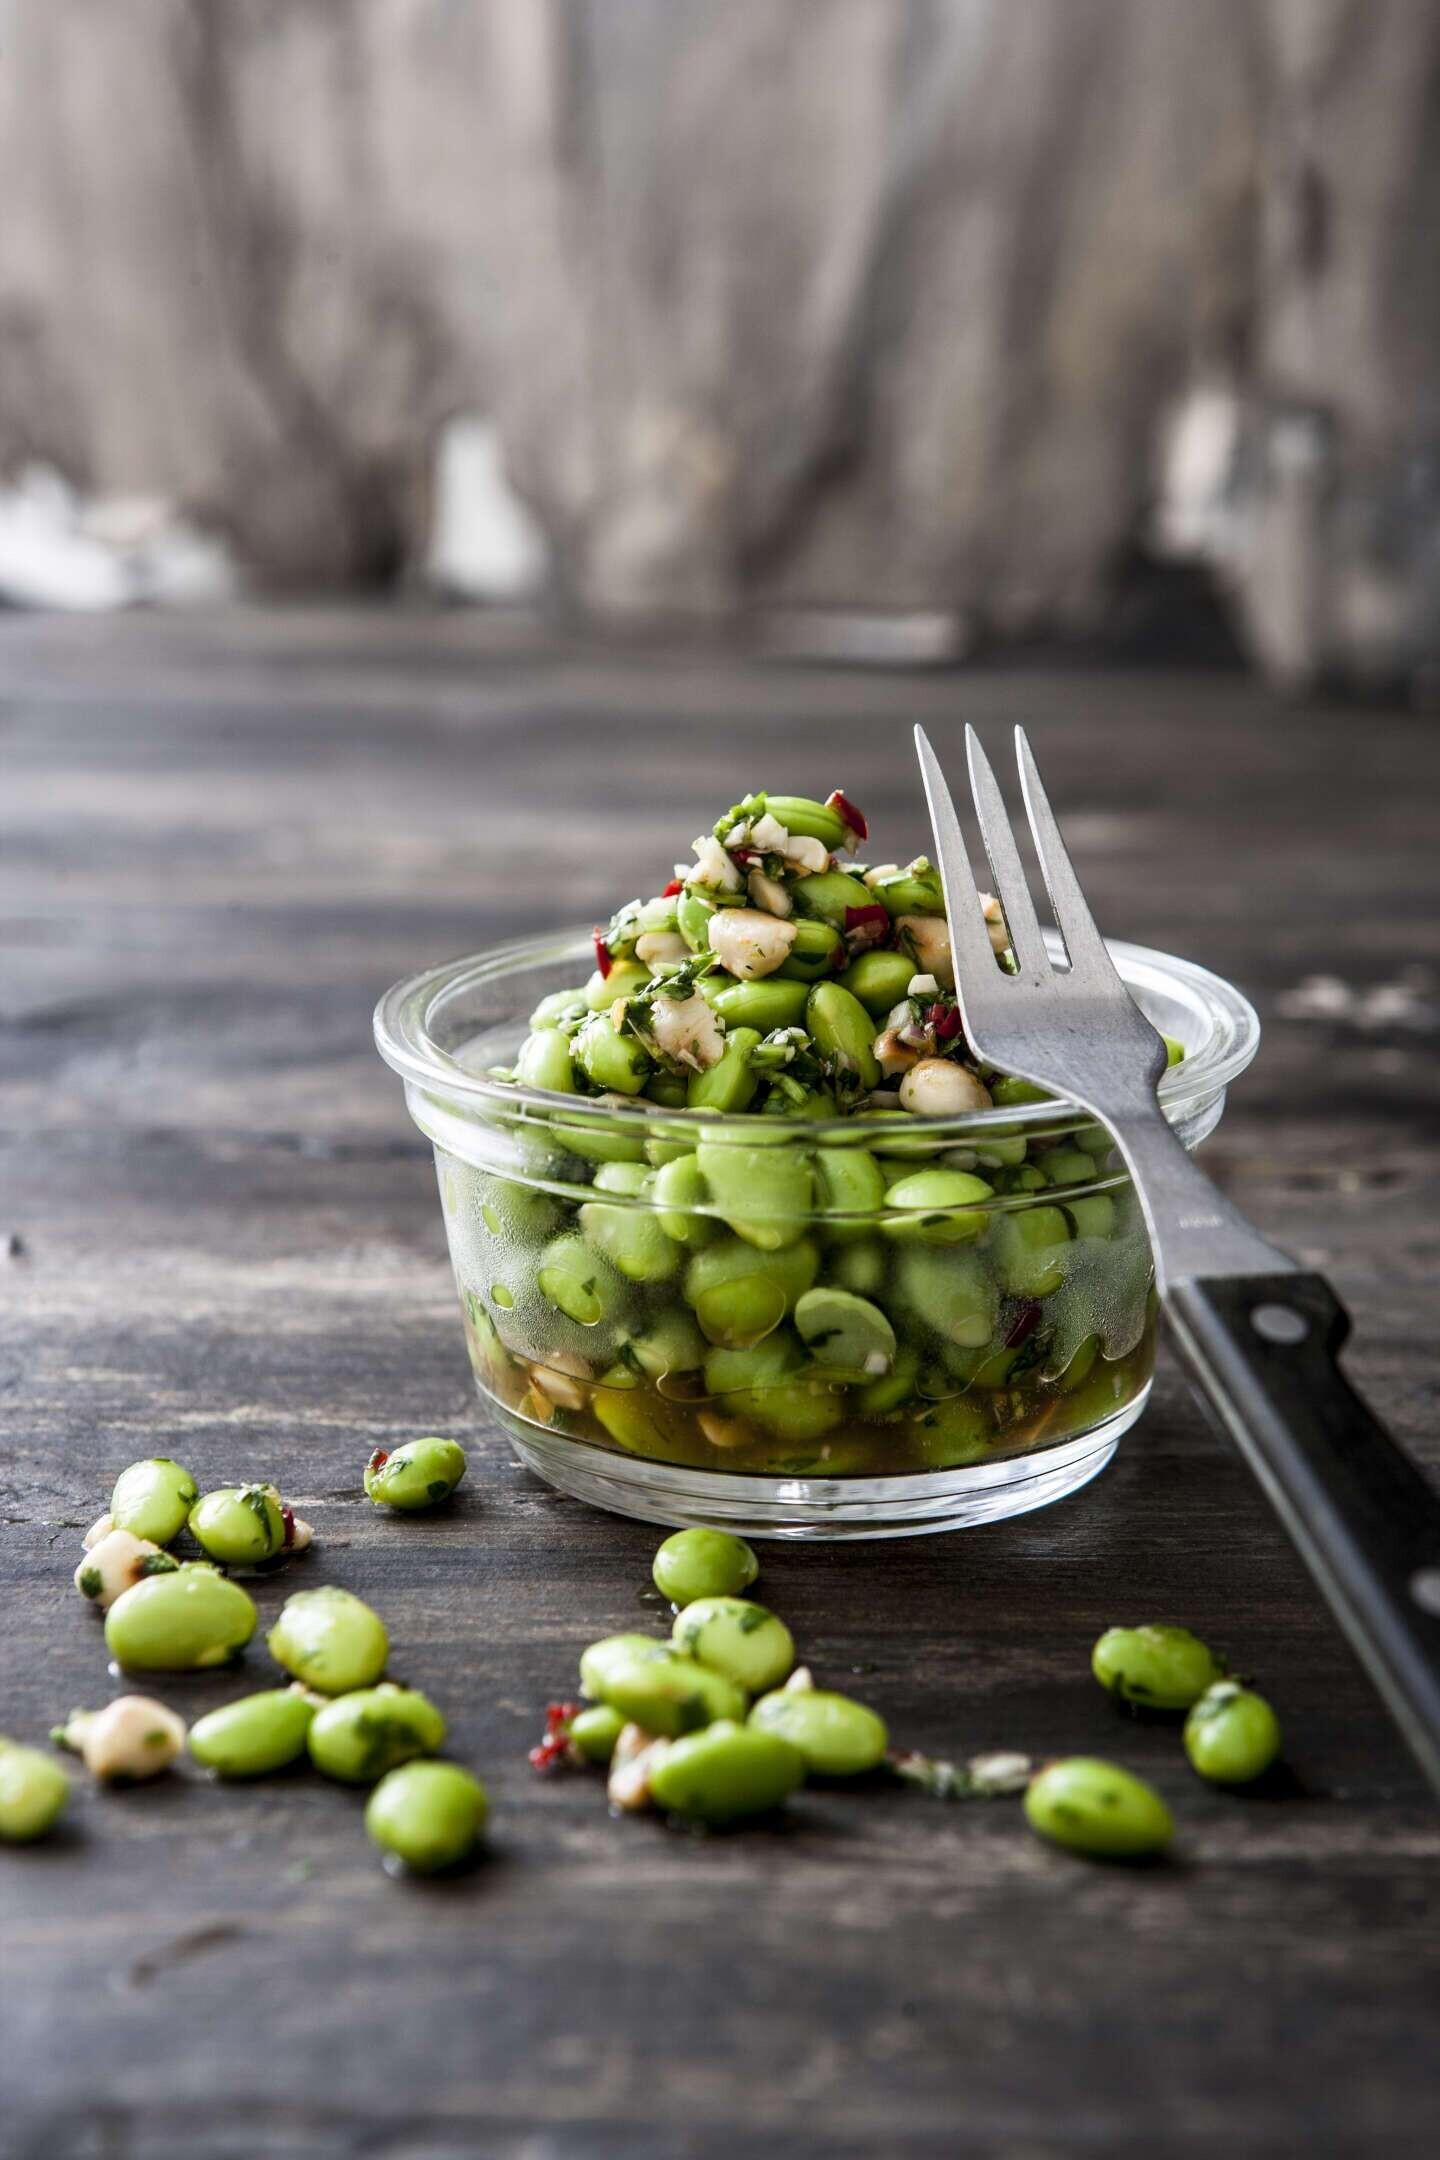 Annes Hjernøes salater: Helt perfekt til picnic   Lev nu   DR